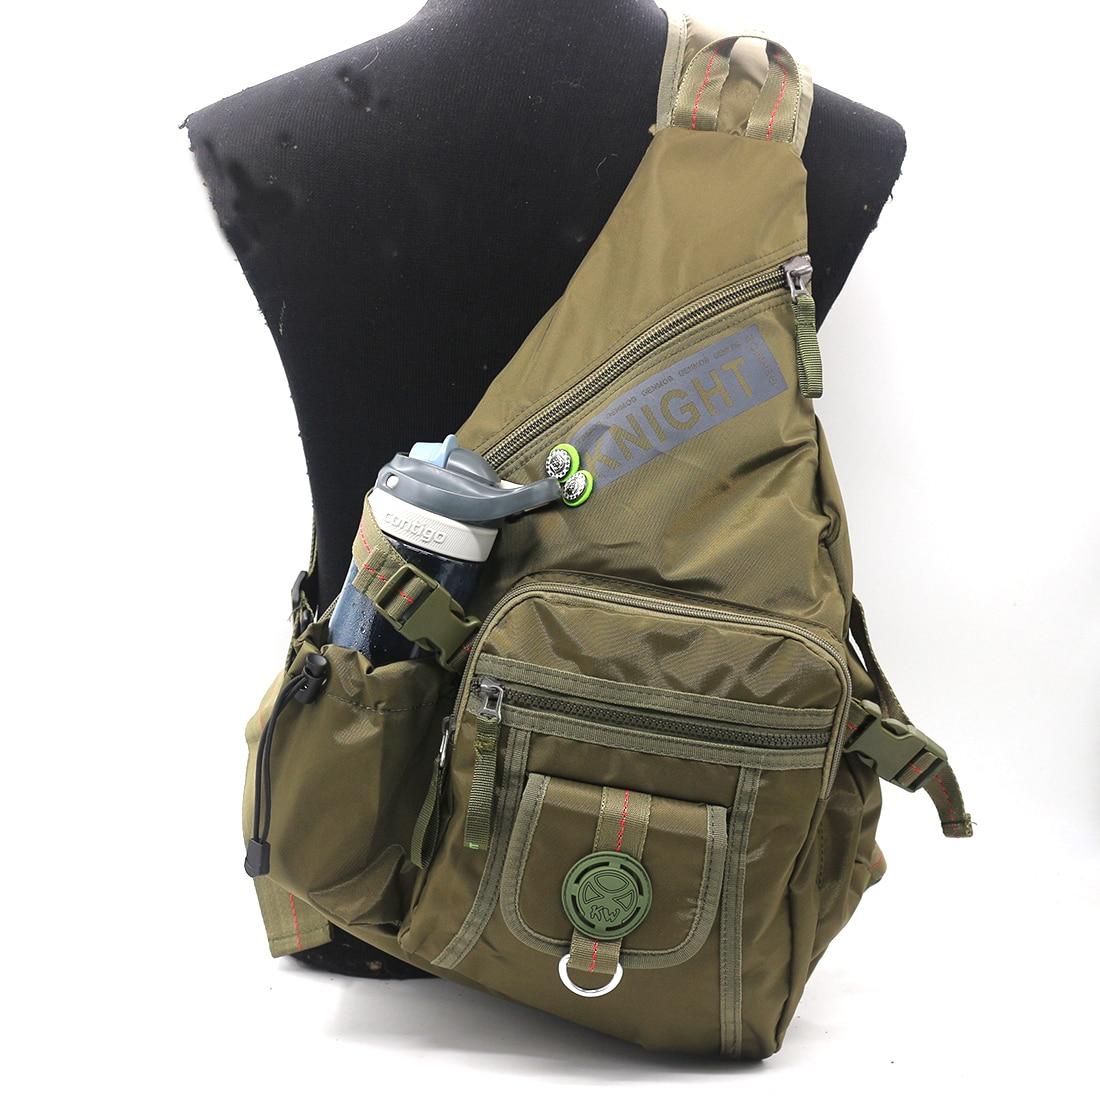 fb85da2342c7 Нейлоновая Мужская нагрудная сумка высокого качества через плечо, сумки для  воды, Повседневная Большая емкость